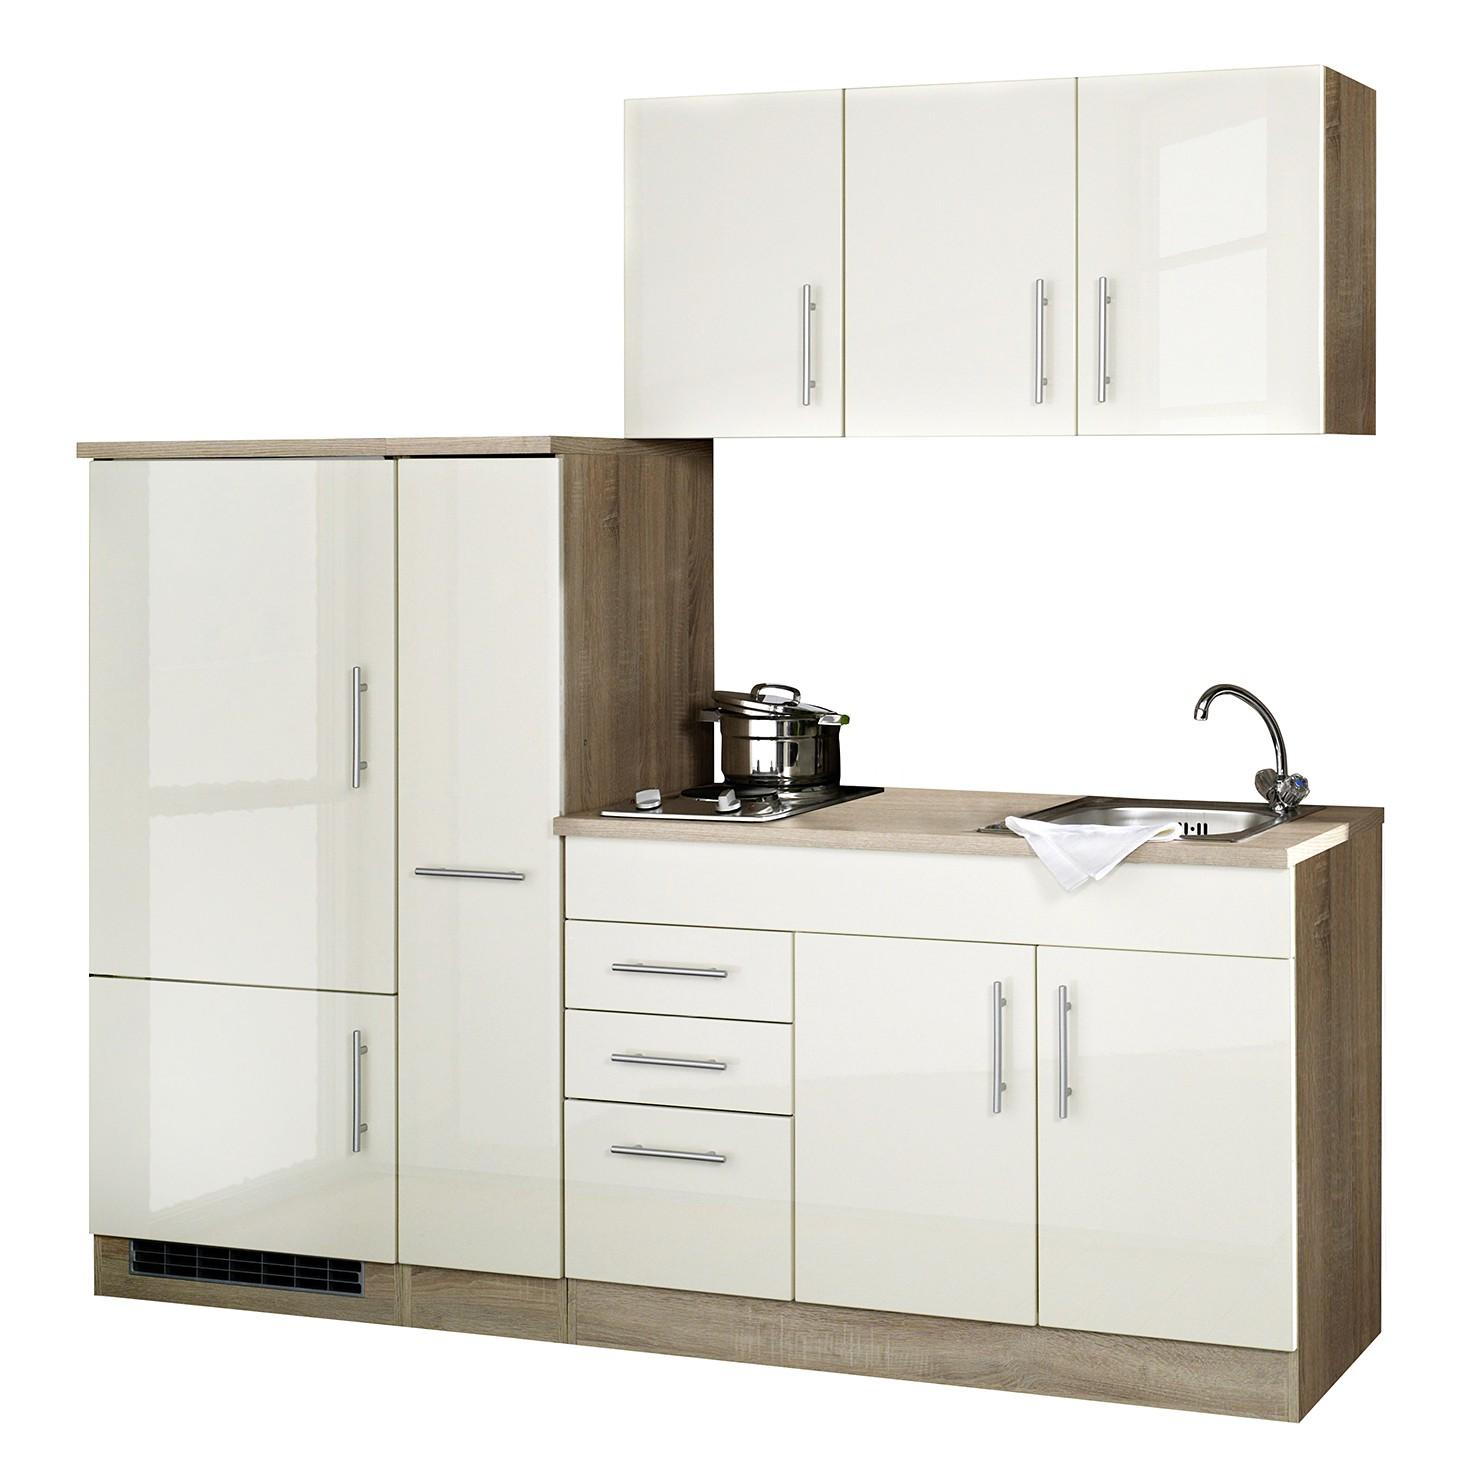 home24 Kuechenzeile Toronto II   Küche und Esszimmer > Küchen > Küchenzeilen   Beige   Held Kuechen